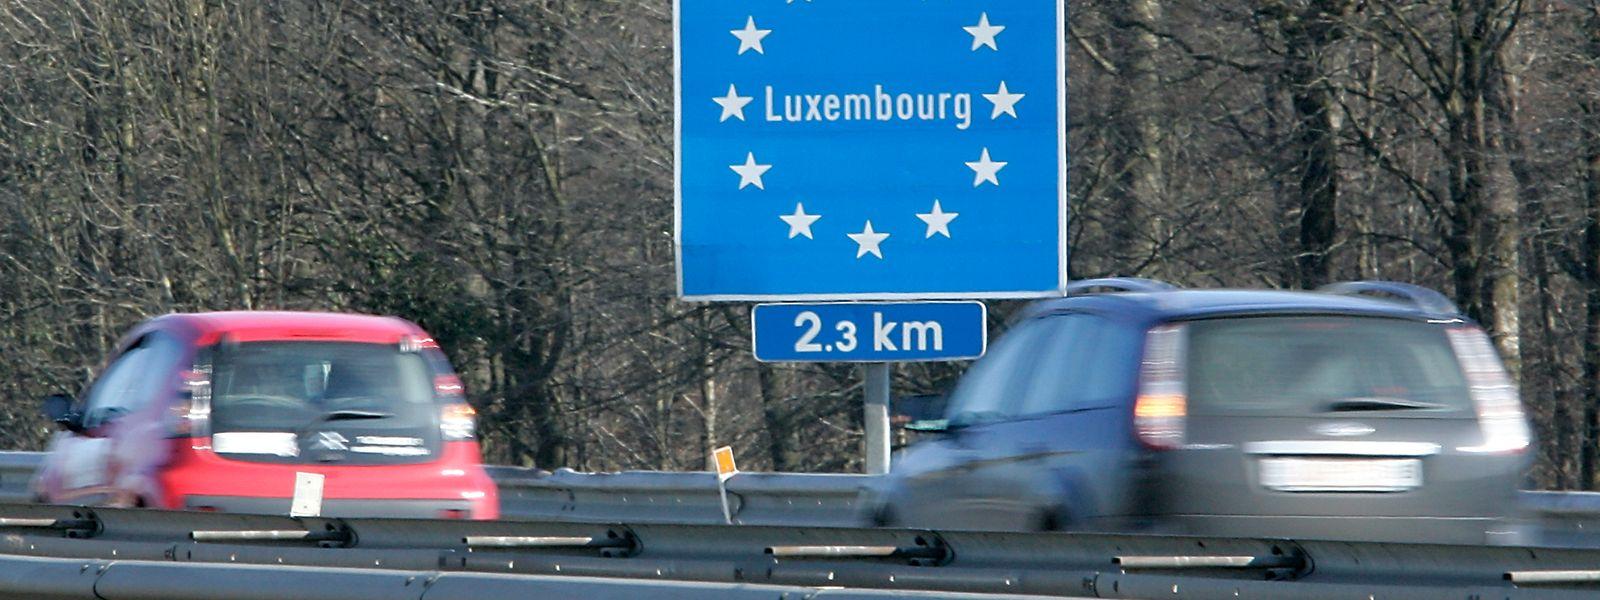 Le biostatisticien Geert Molenberghs conseille néanmoins nécessaire d'exempter les déplacements professionnels, et notamment les va-et-vient des frontaliers.